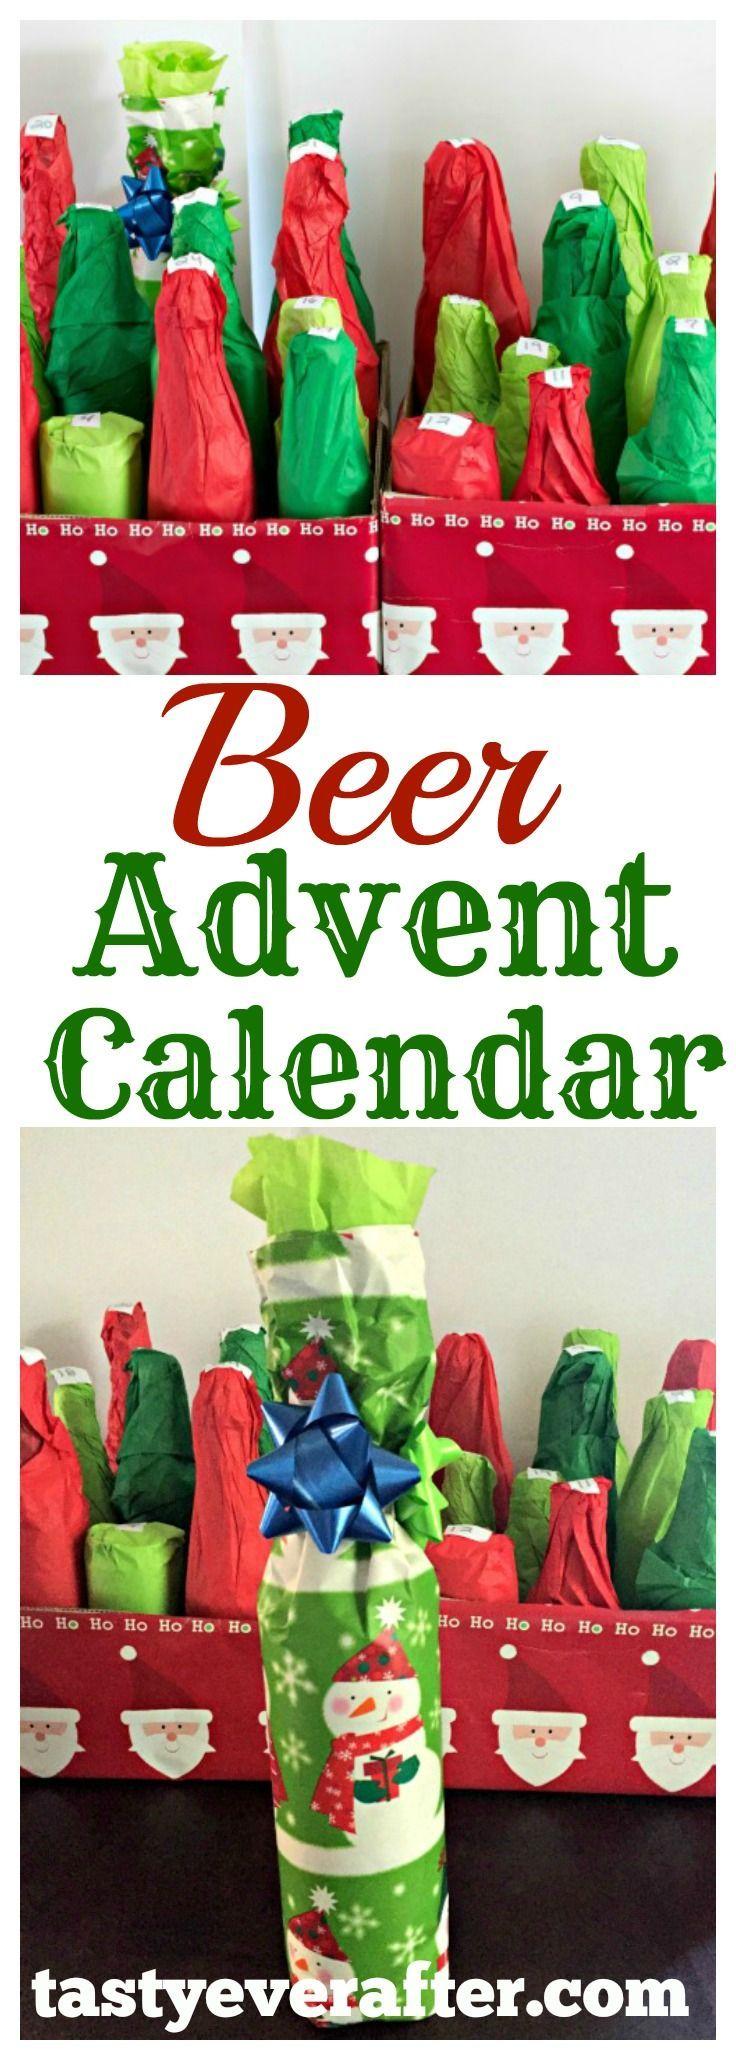 Homemade Advent Calendar Ideas For Boyfriend : Easy diy craft beer advent calendar recipe